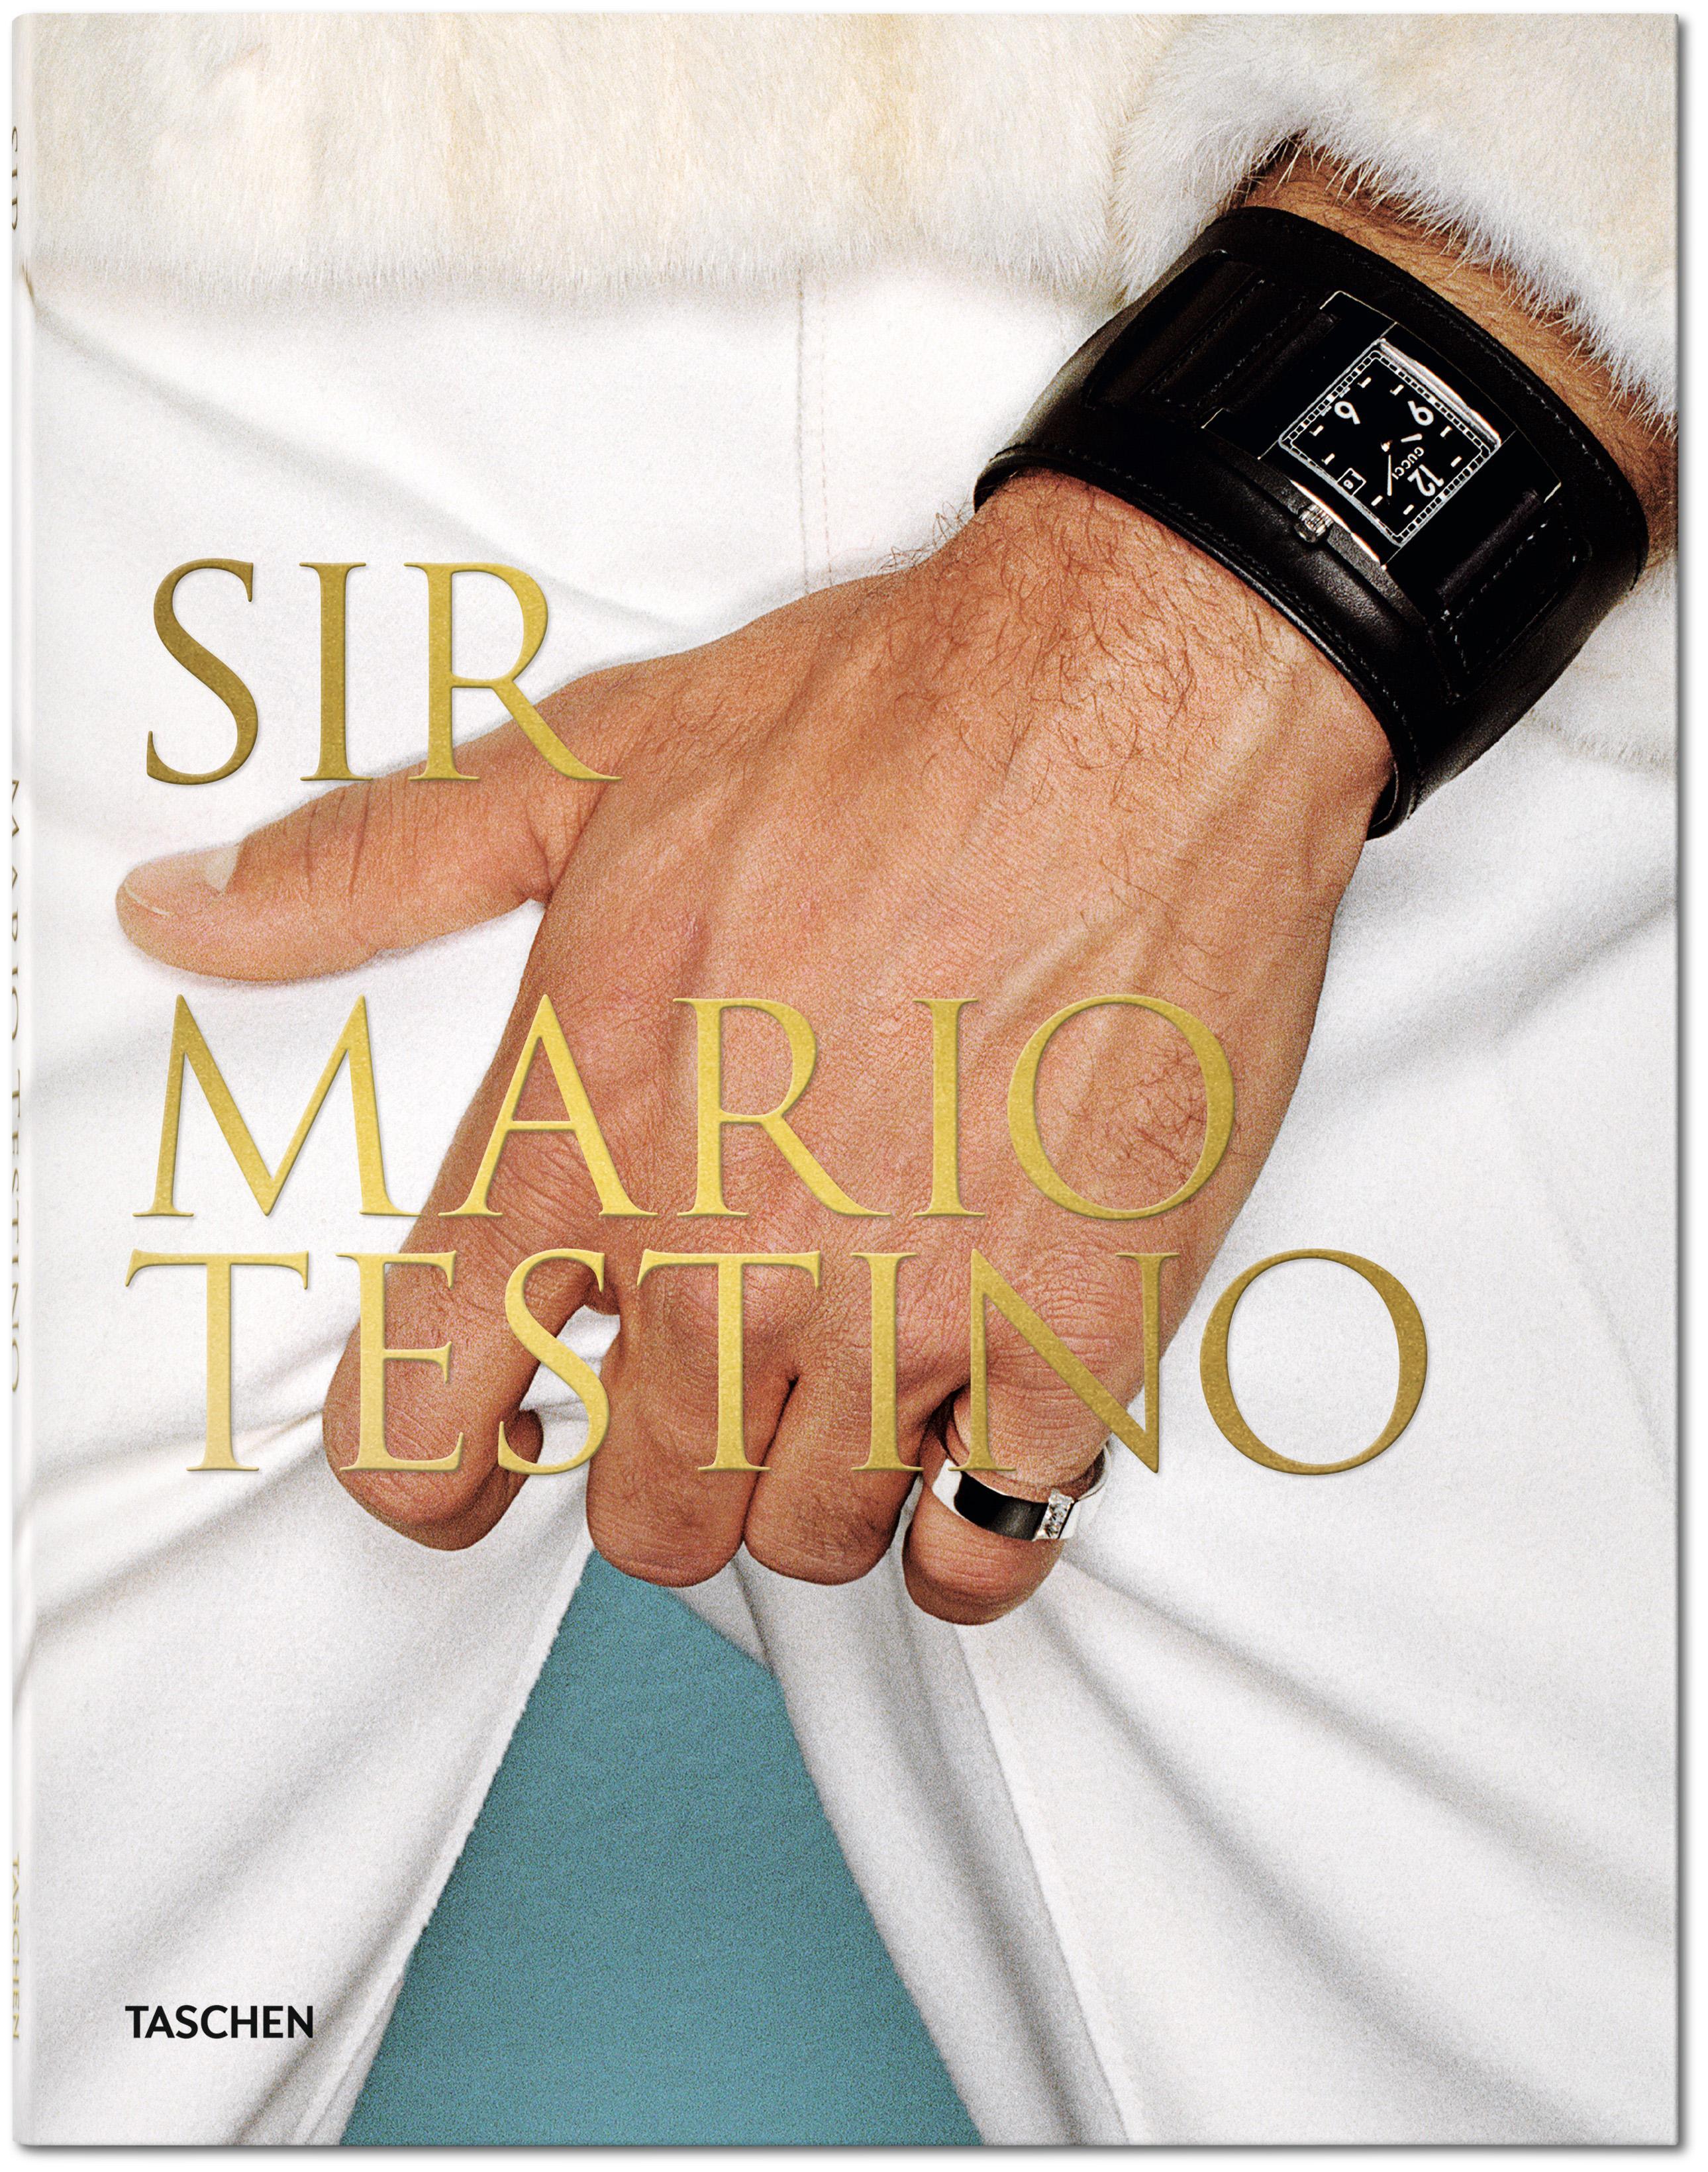 Mario Testino|SIR | © Mario Testino || Taschen-Verlag